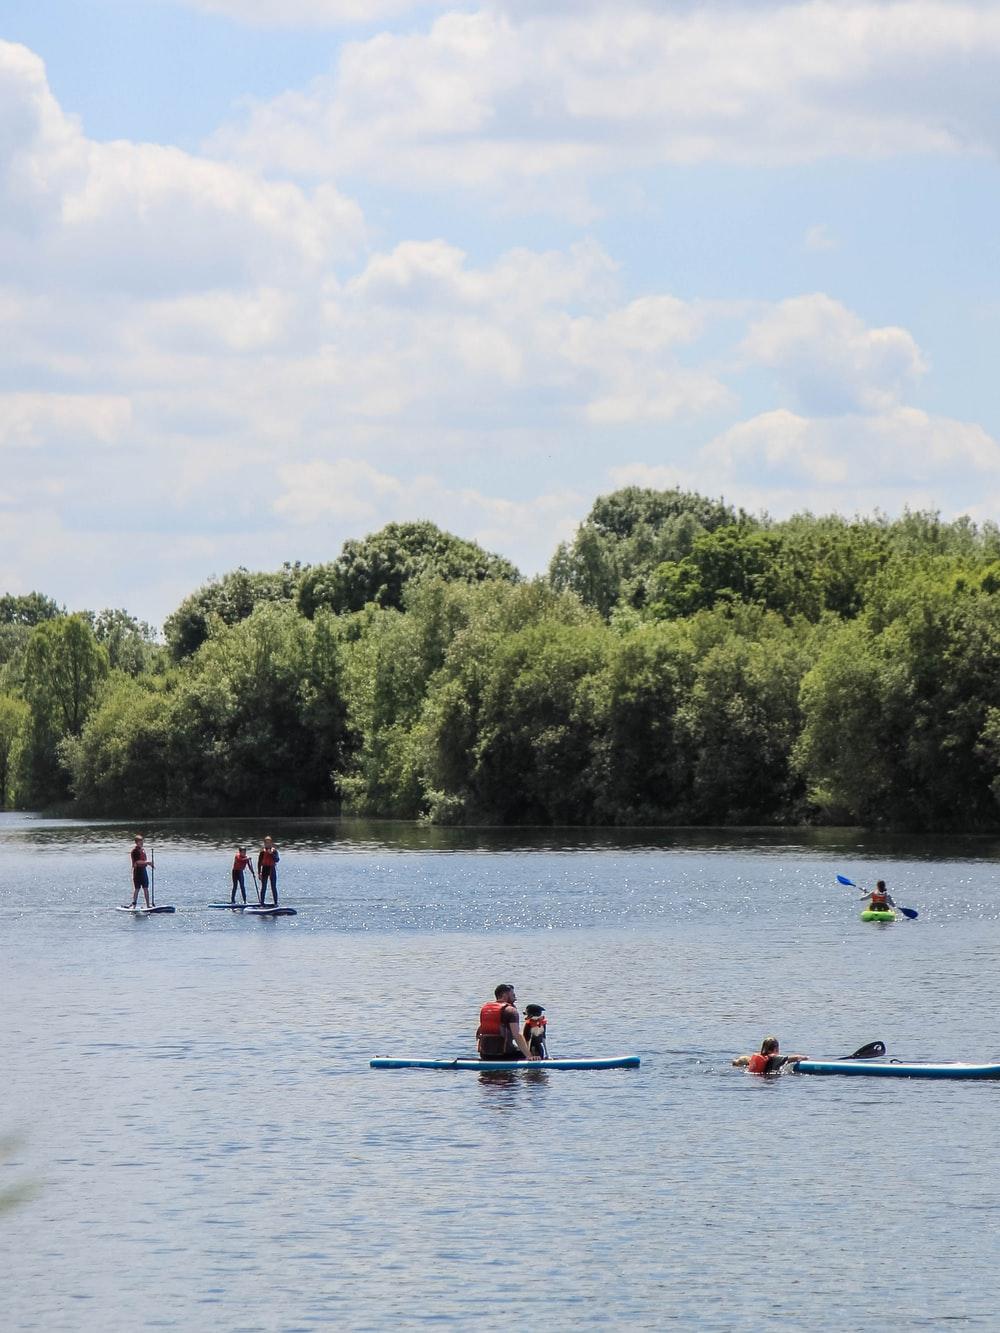 people riding on kayak near trees during daytime